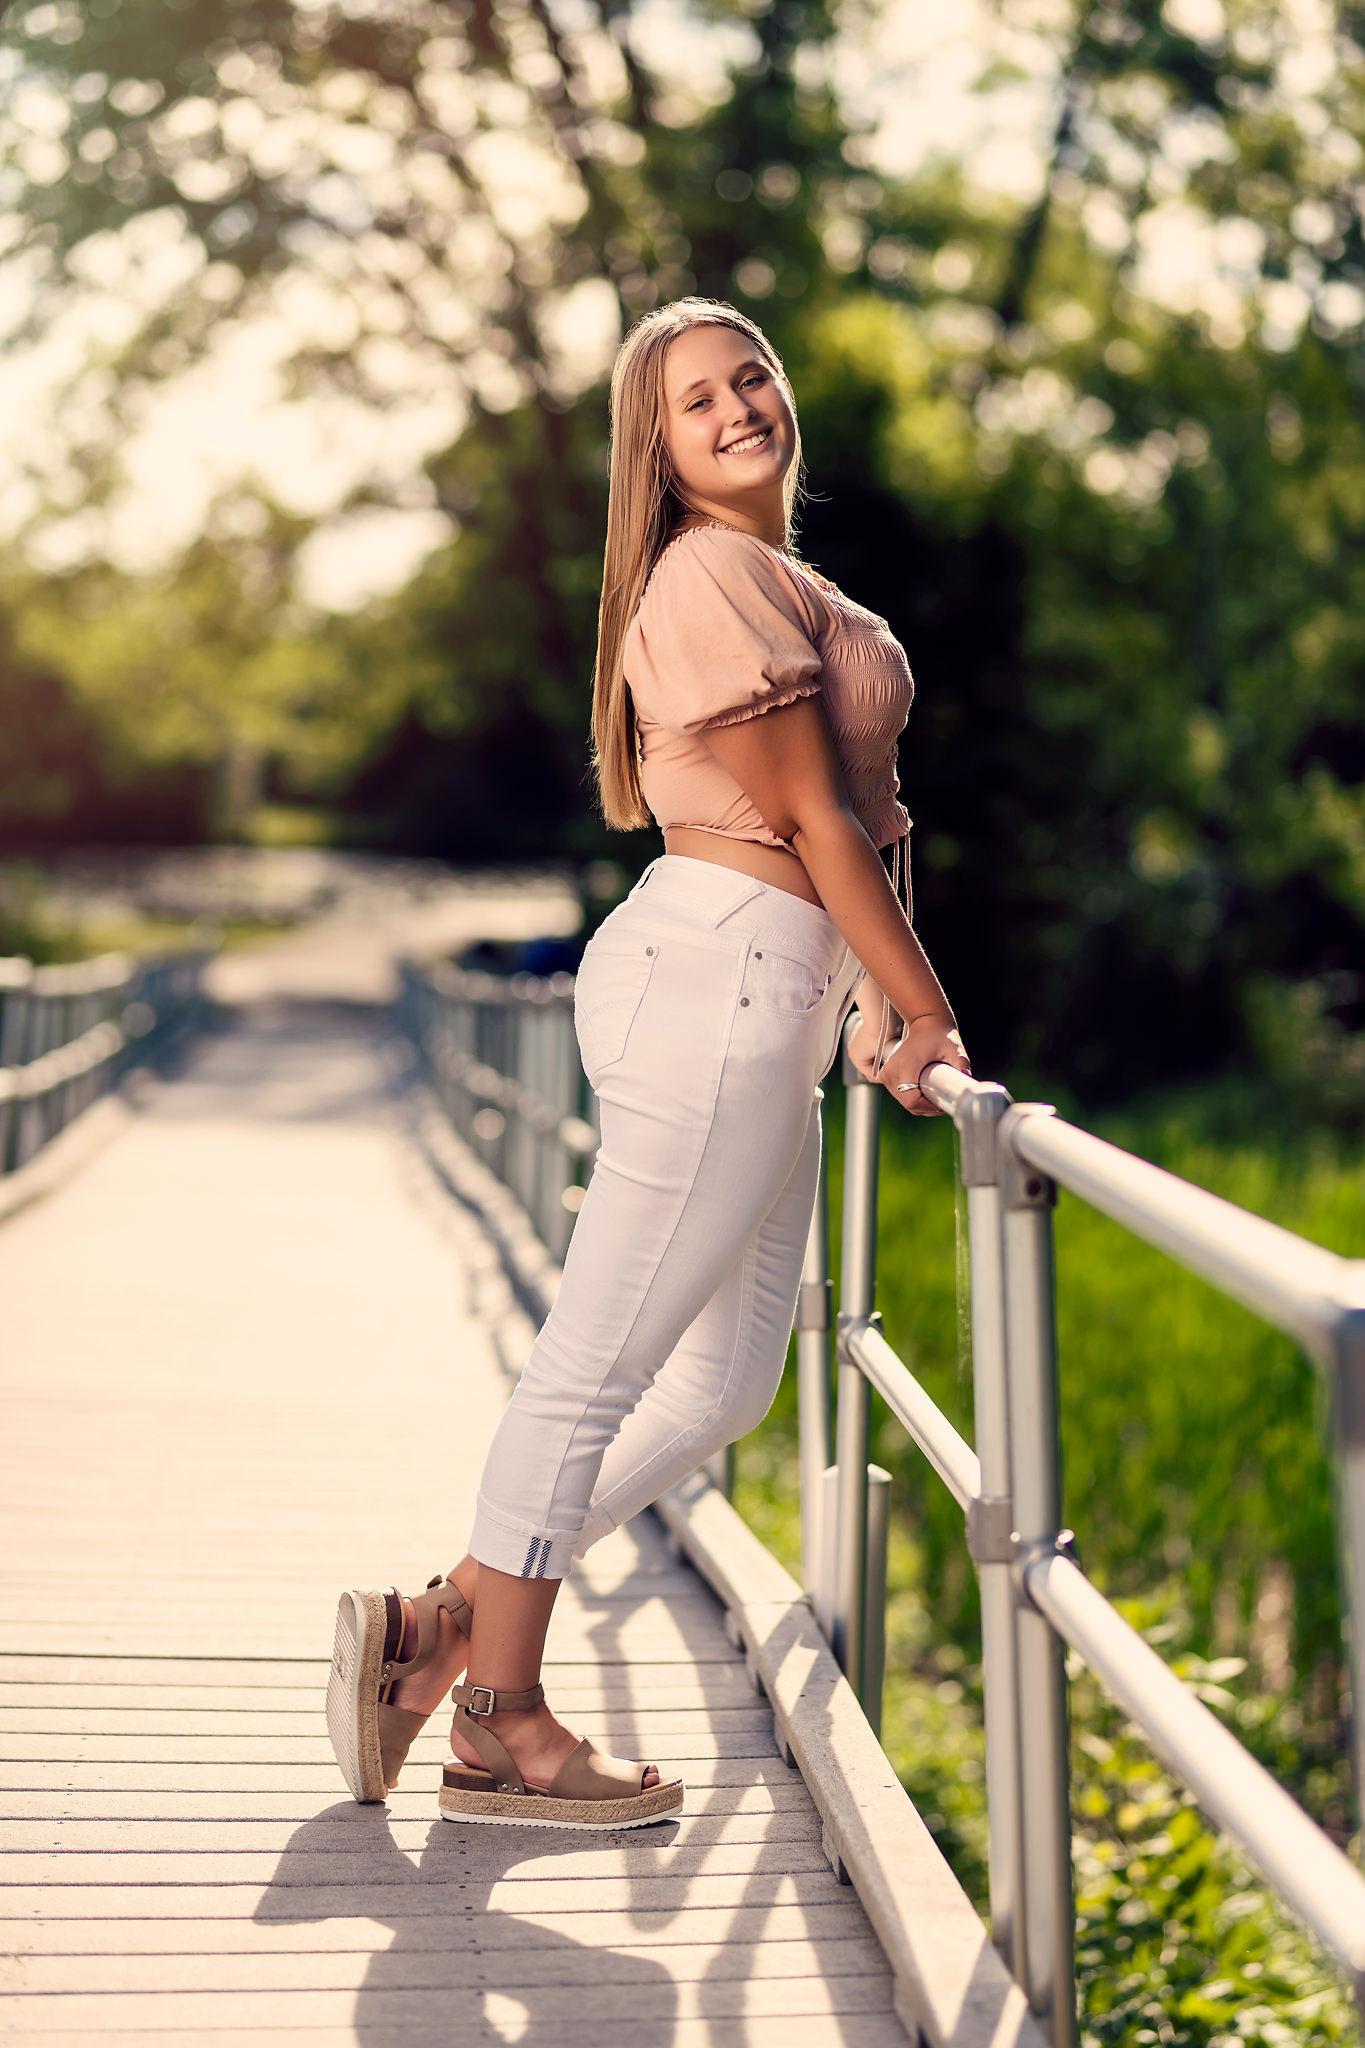 AMANDA MATZ